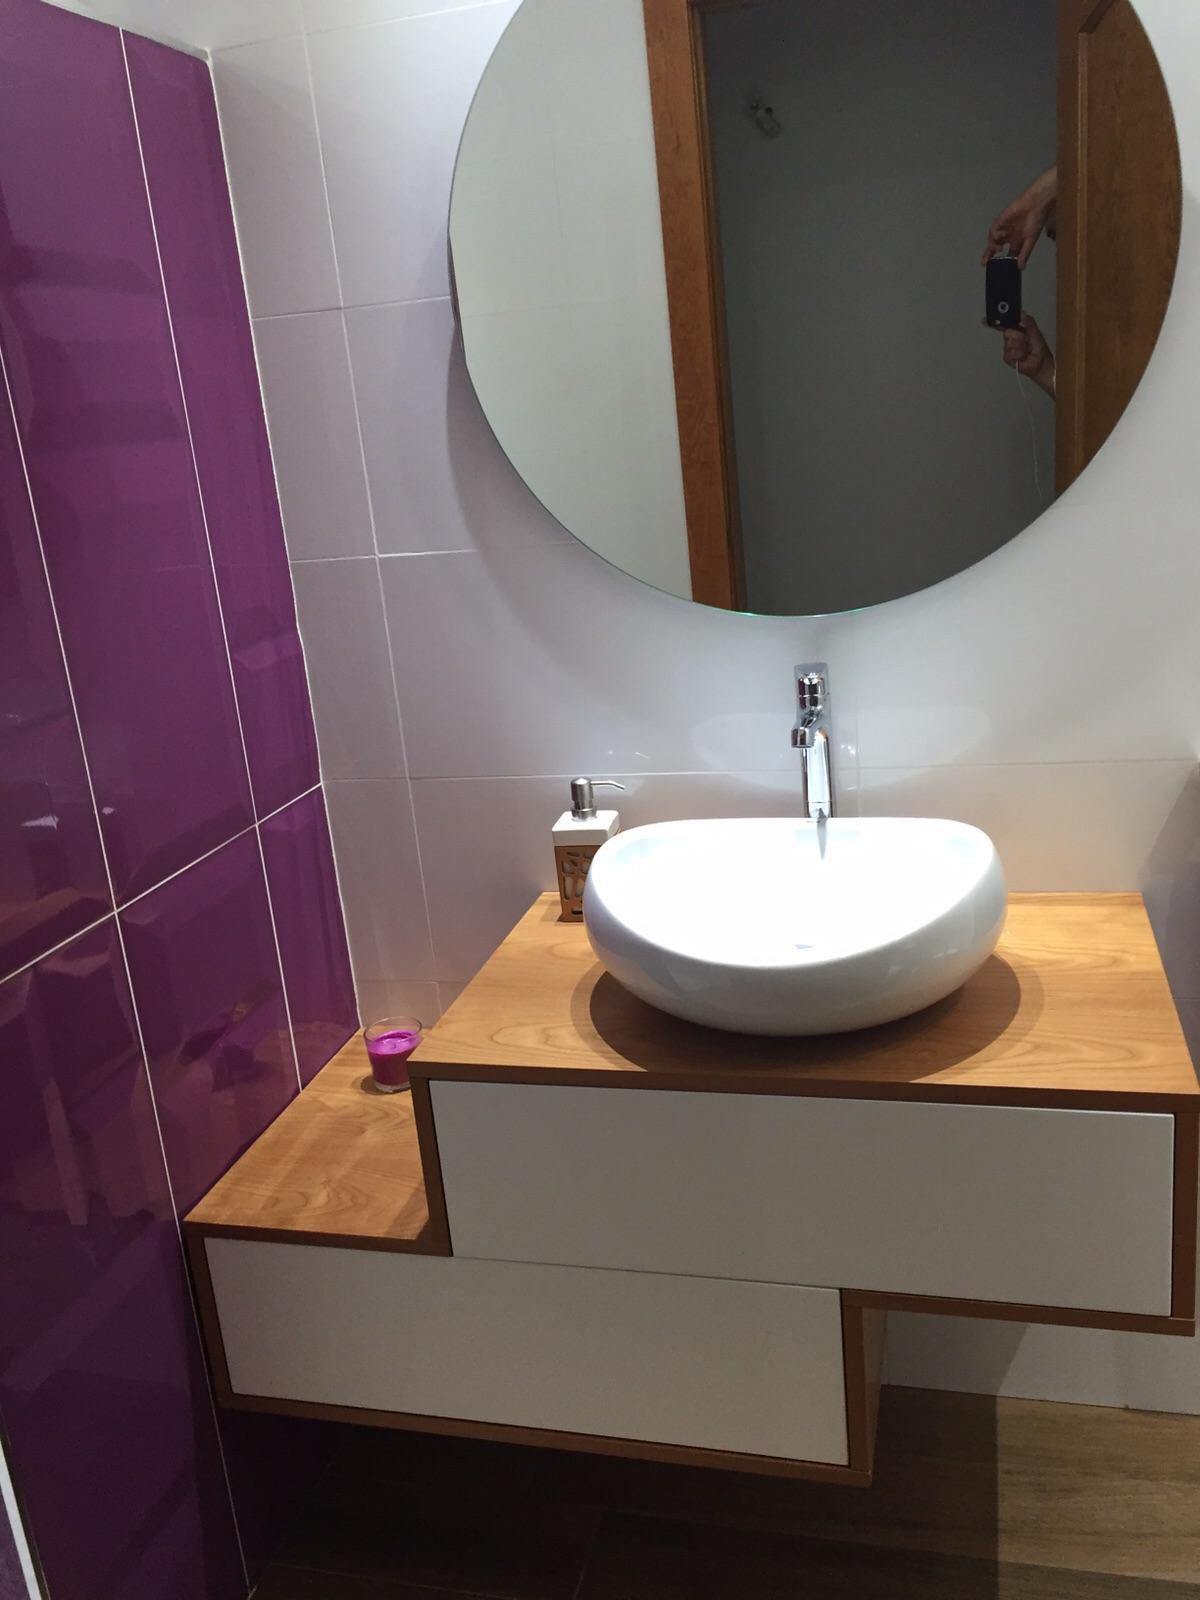 Mueble de baño cerezo + blanco